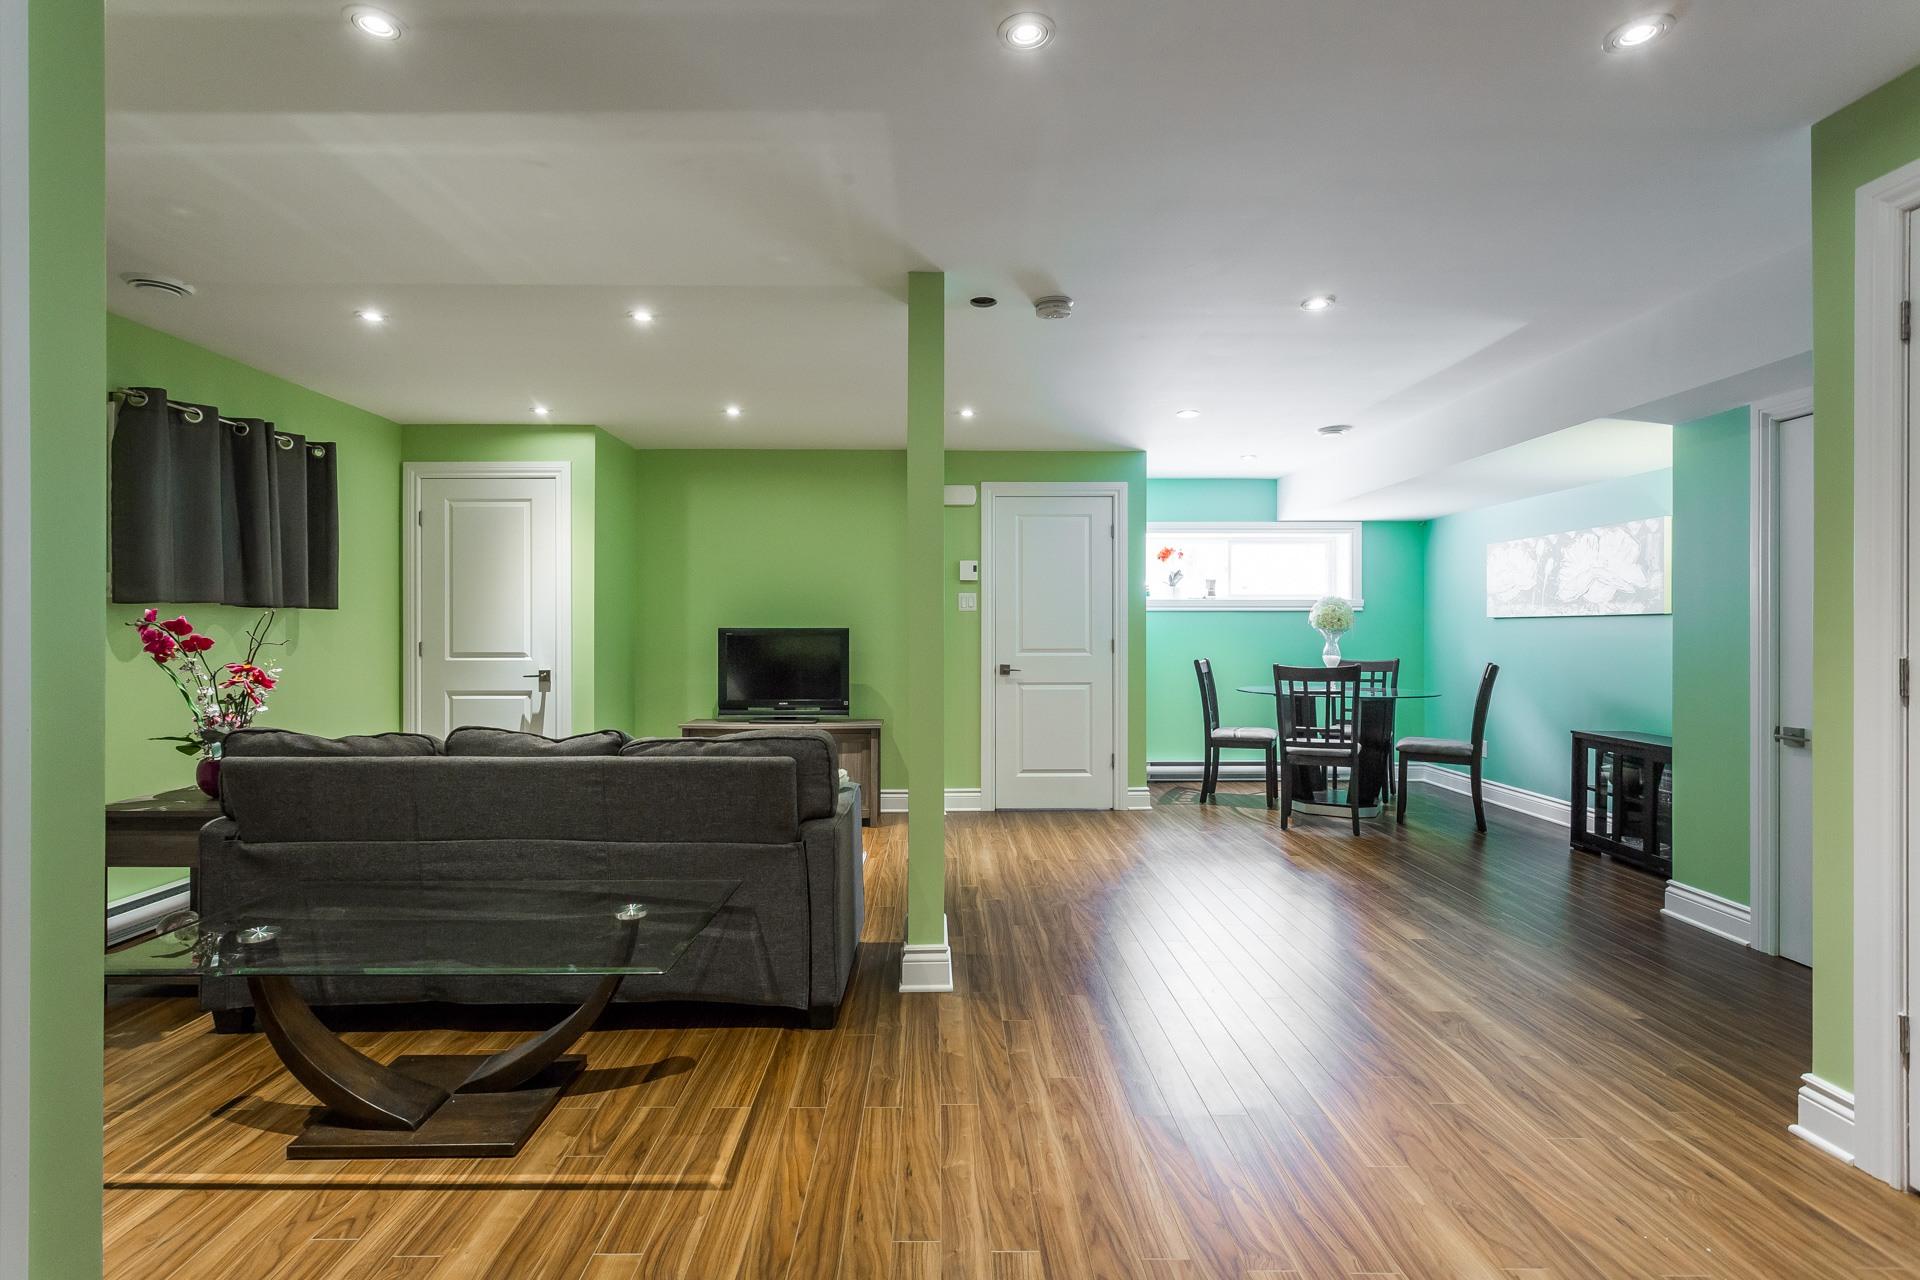 image 29 - Maison À vendre Laval Duvernay - 1 pièce